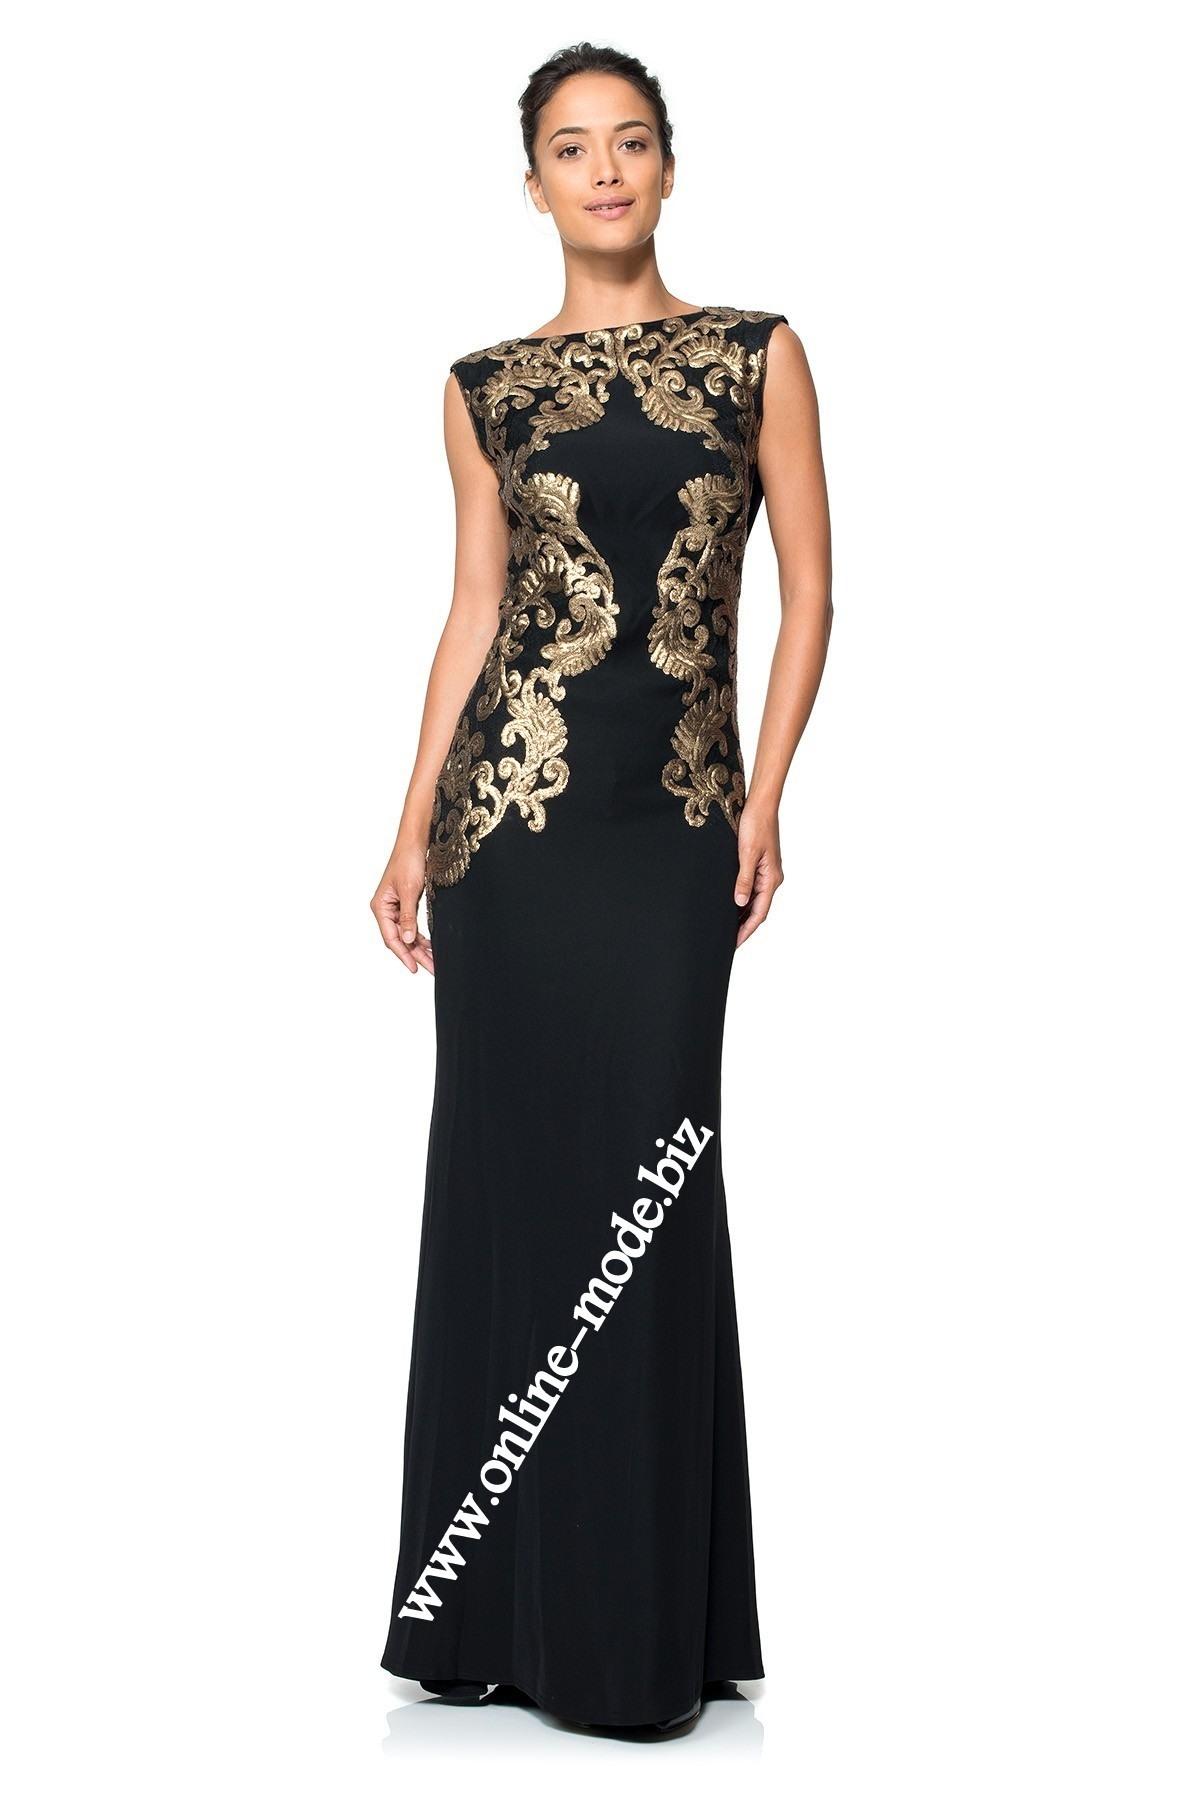 Abend Kreativ Abendkleid Schwarz Gold Lang BoutiqueAbend Coolste Abendkleid Schwarz Gold Lang Spezialgebiet